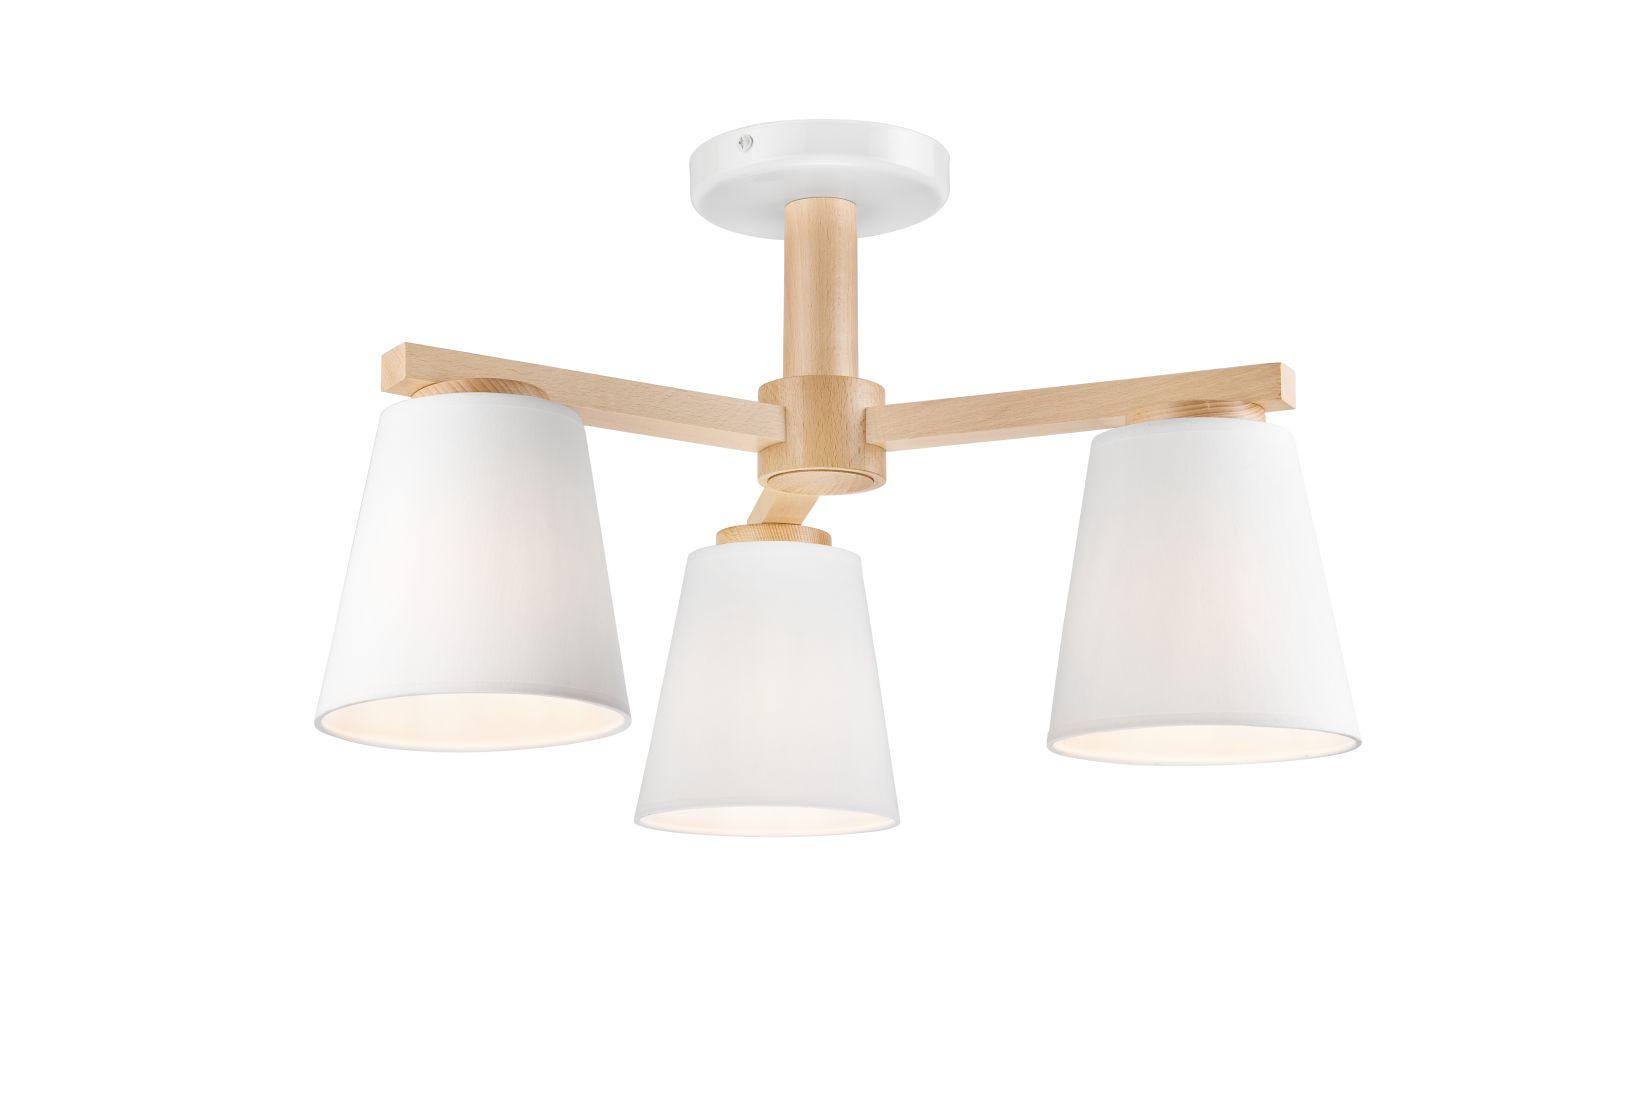 Deckenleuchte Esszimmer Holz Wohnzimmer Lampe